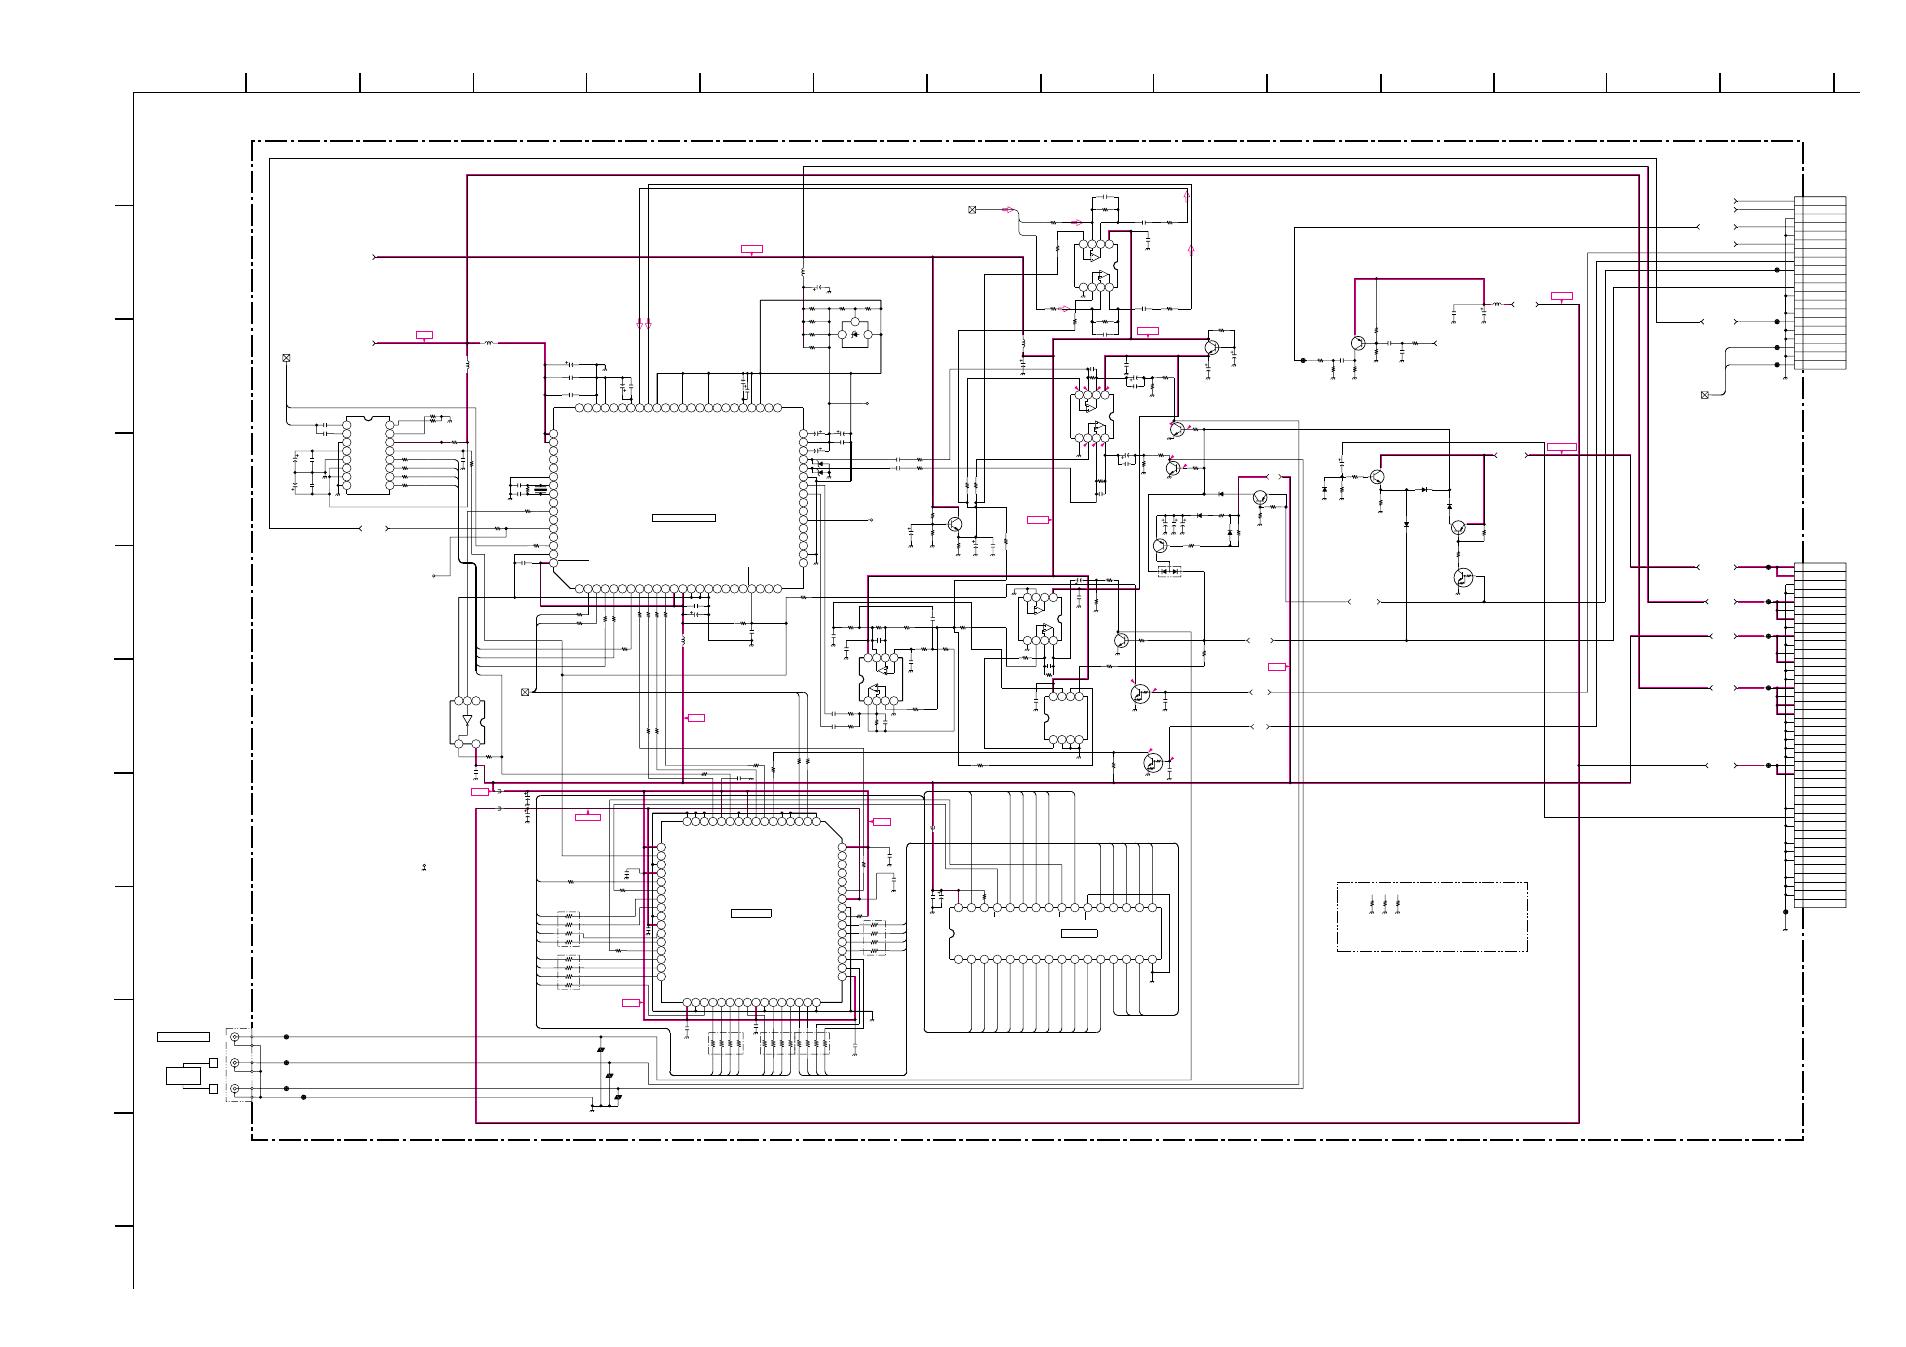 Sony KDE-W50A10 service manual - Page 3